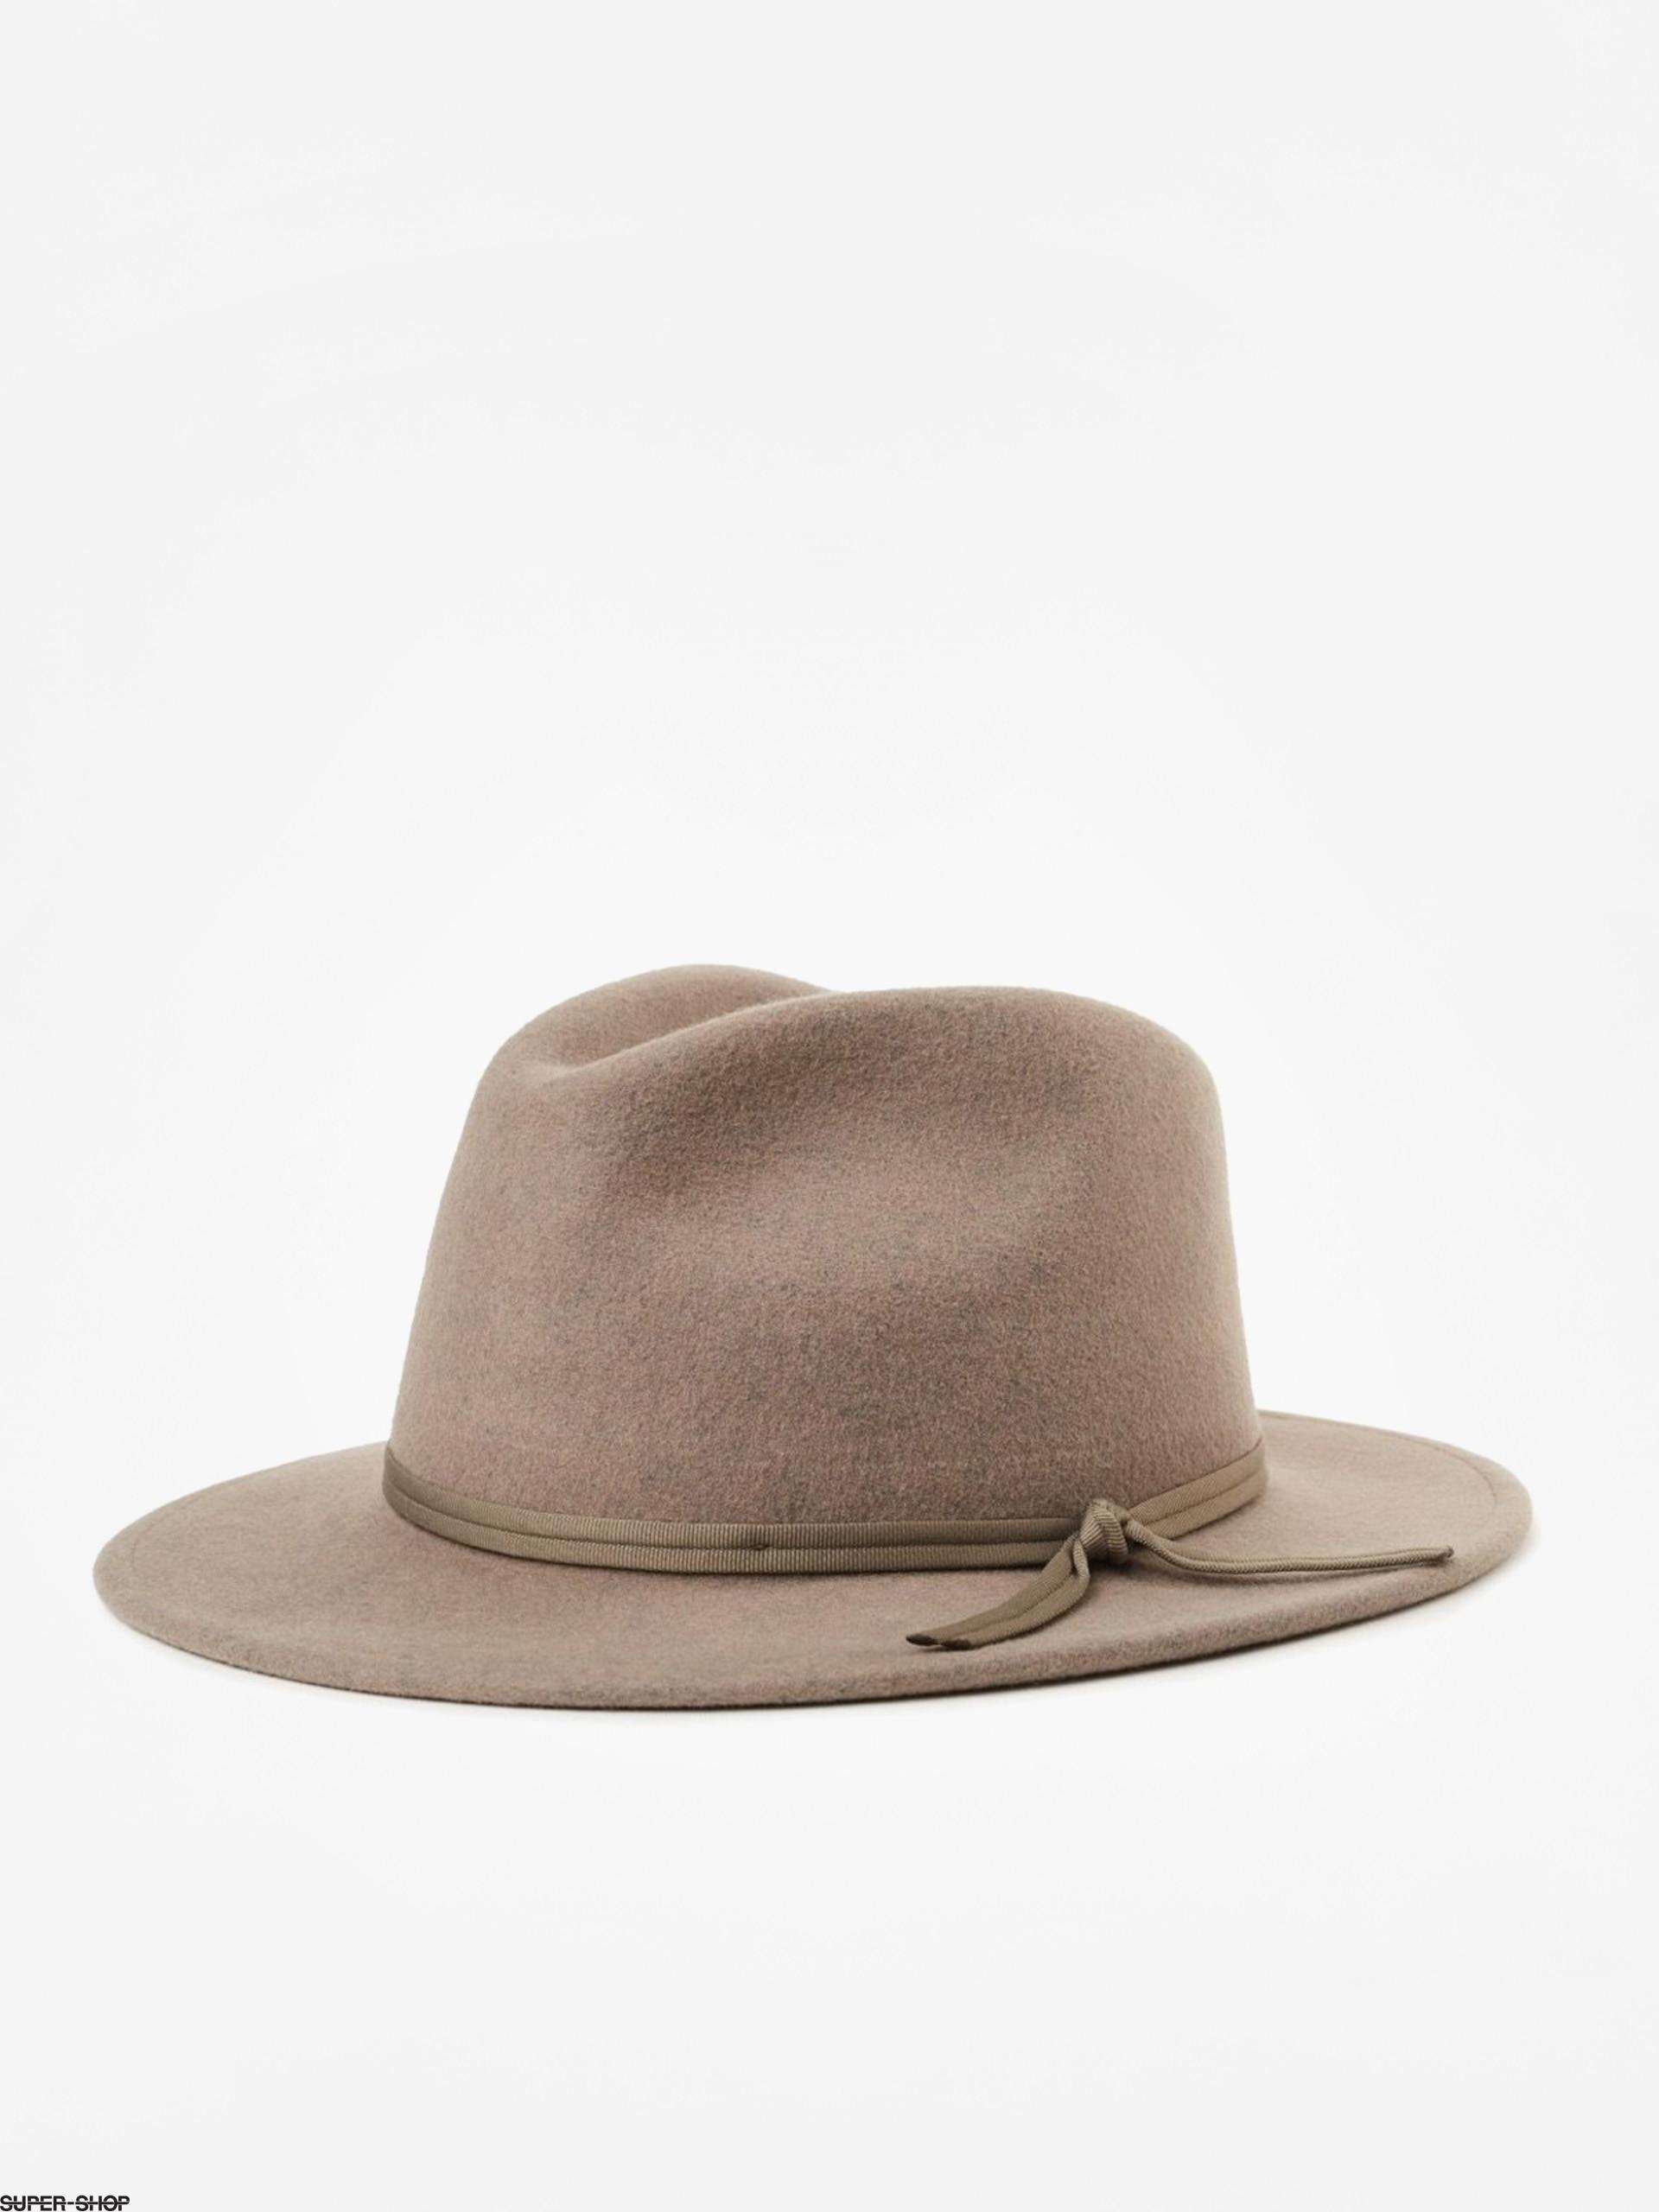 6de759cfac1d26 1020032-w1920-brixton-coleman-fedora-hat-heather-natural.jpg